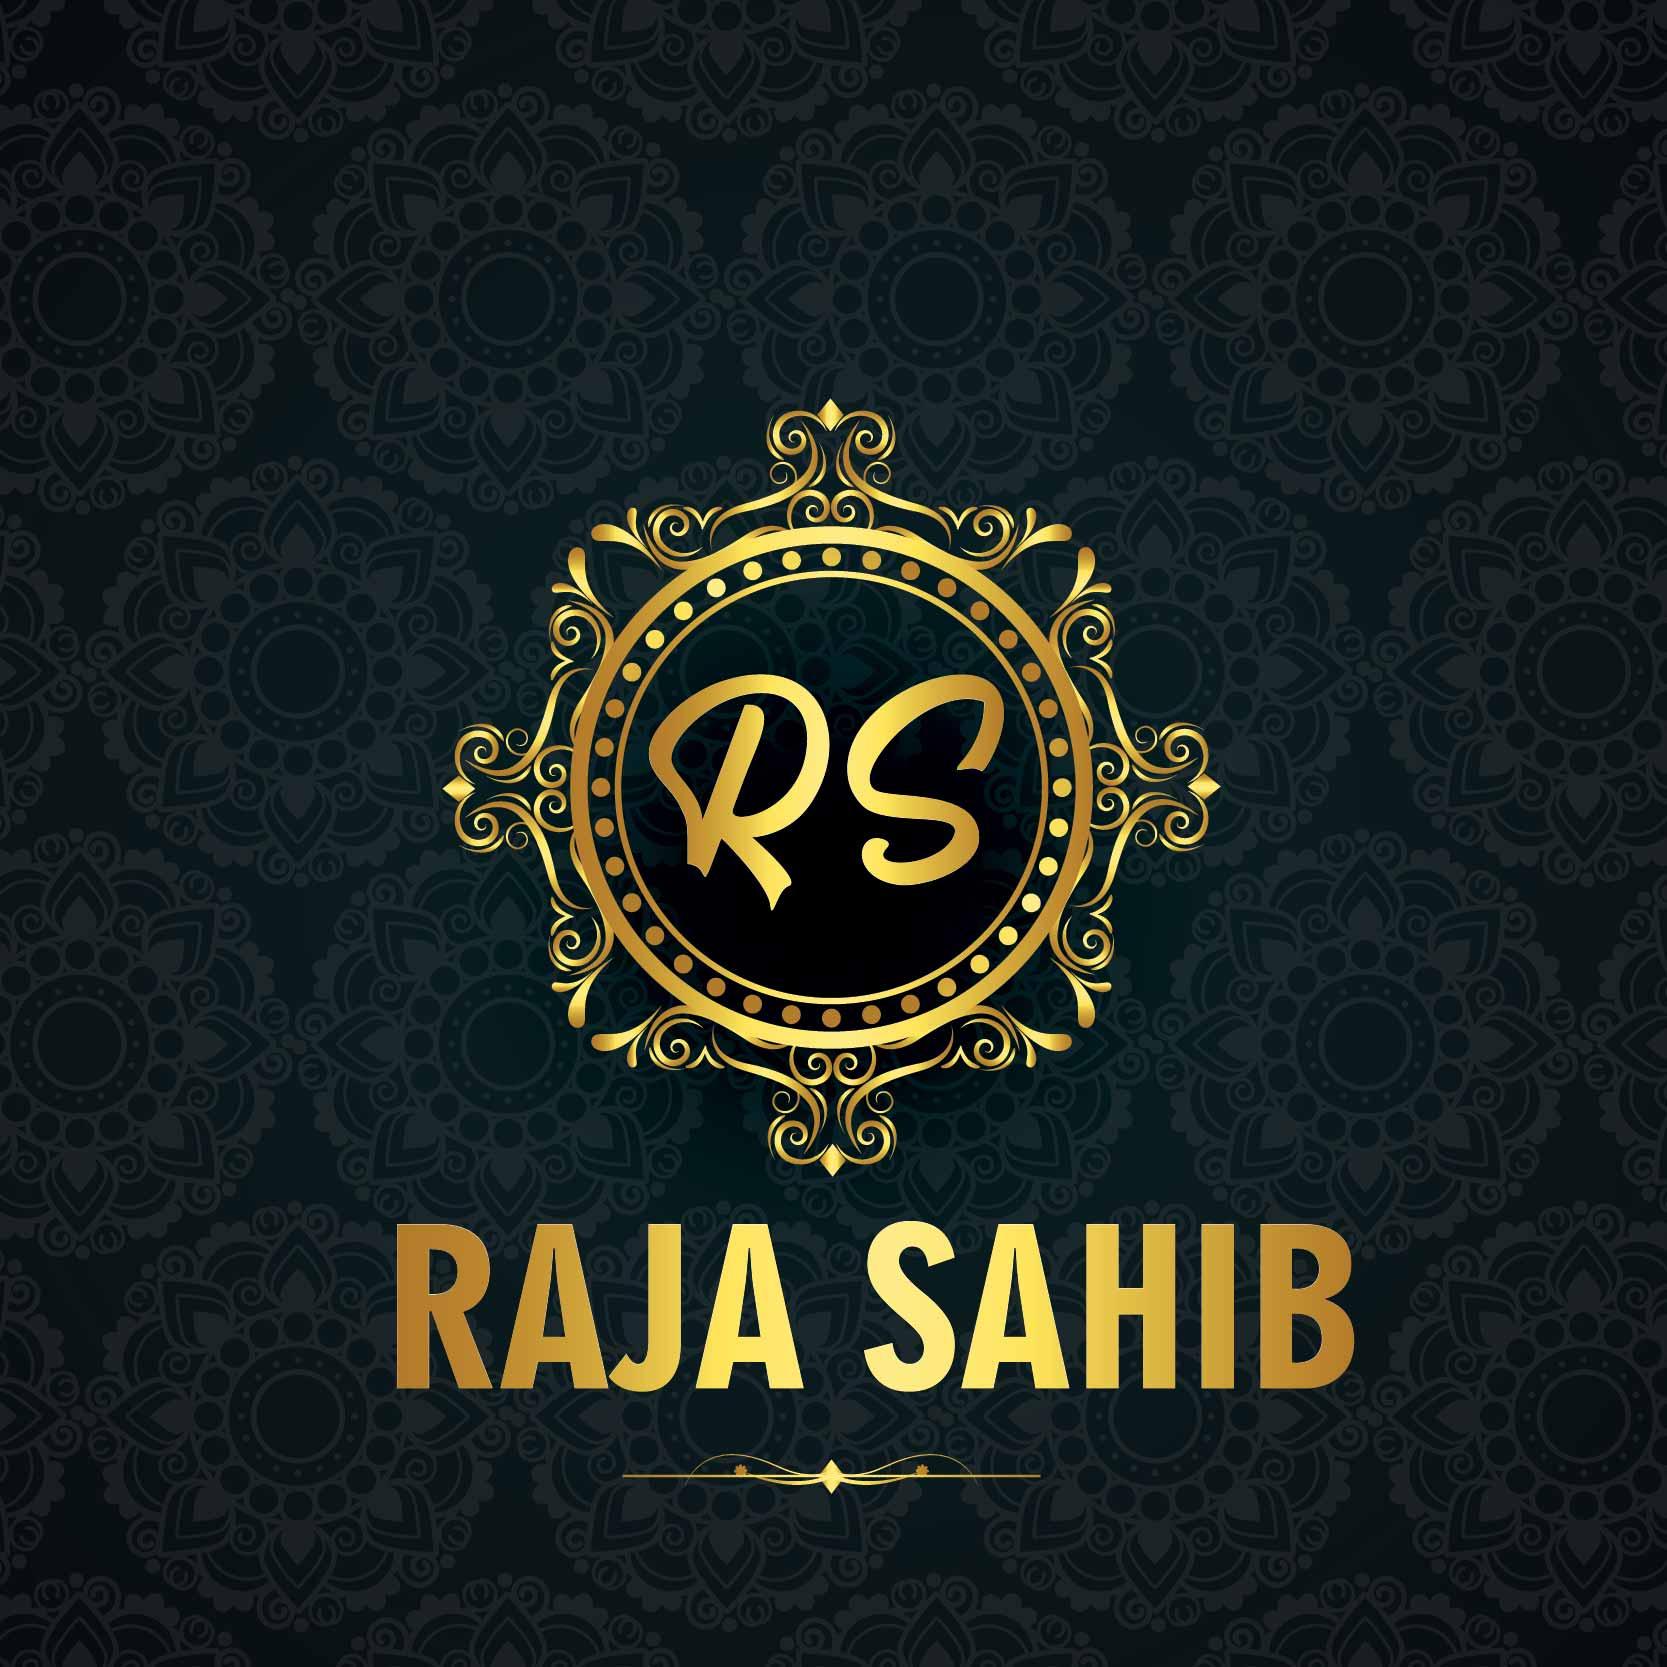 1580204741-Raja-sahib-final-logo-01.jpg